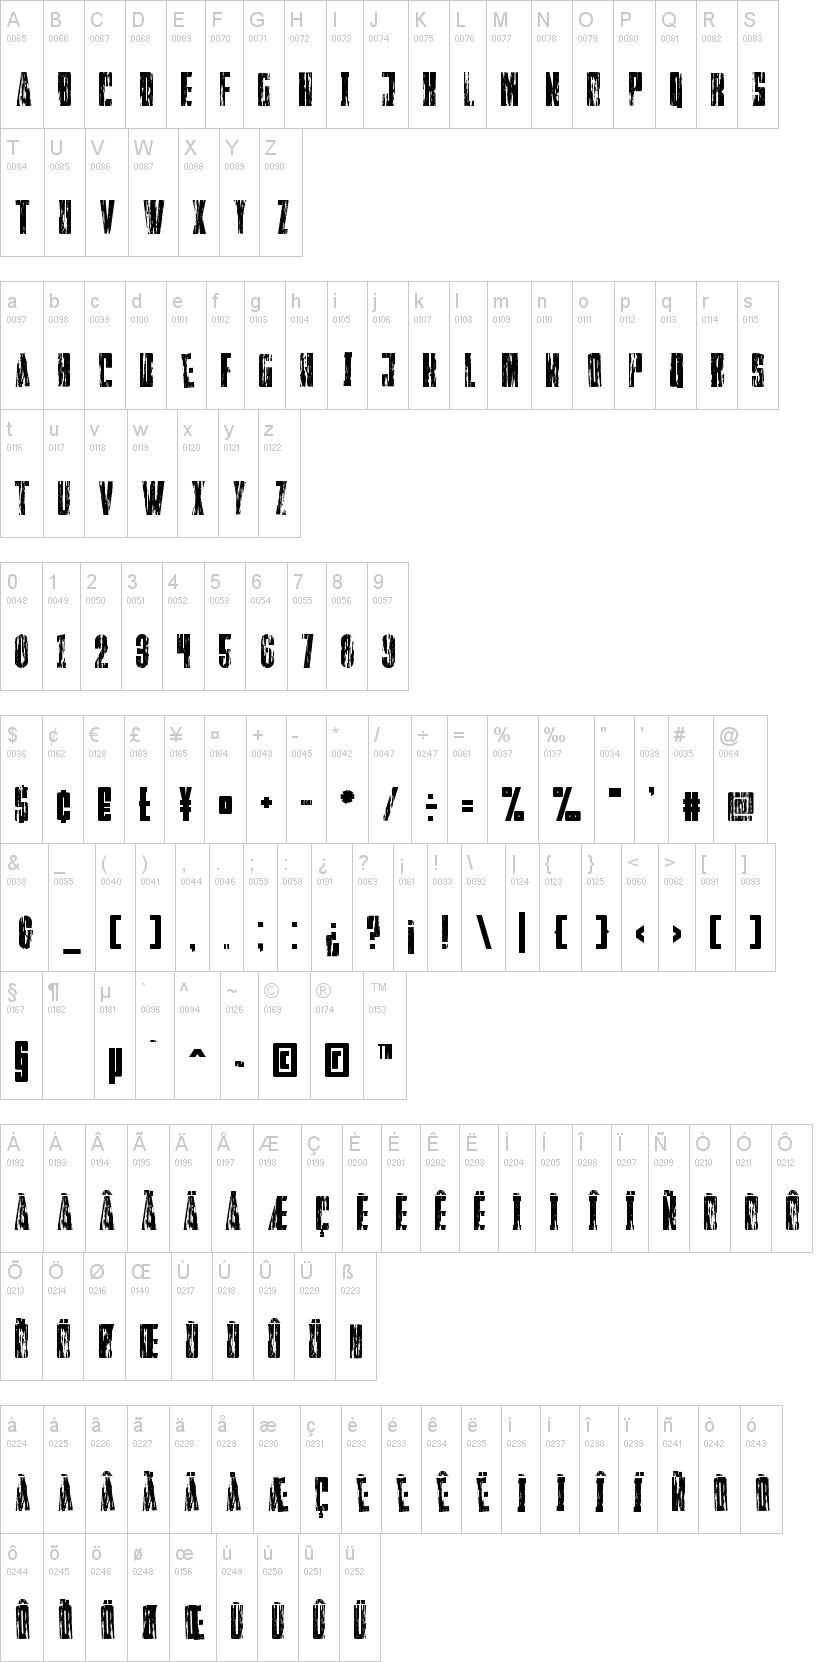 خطوط للفوتوشوب [متجدد]